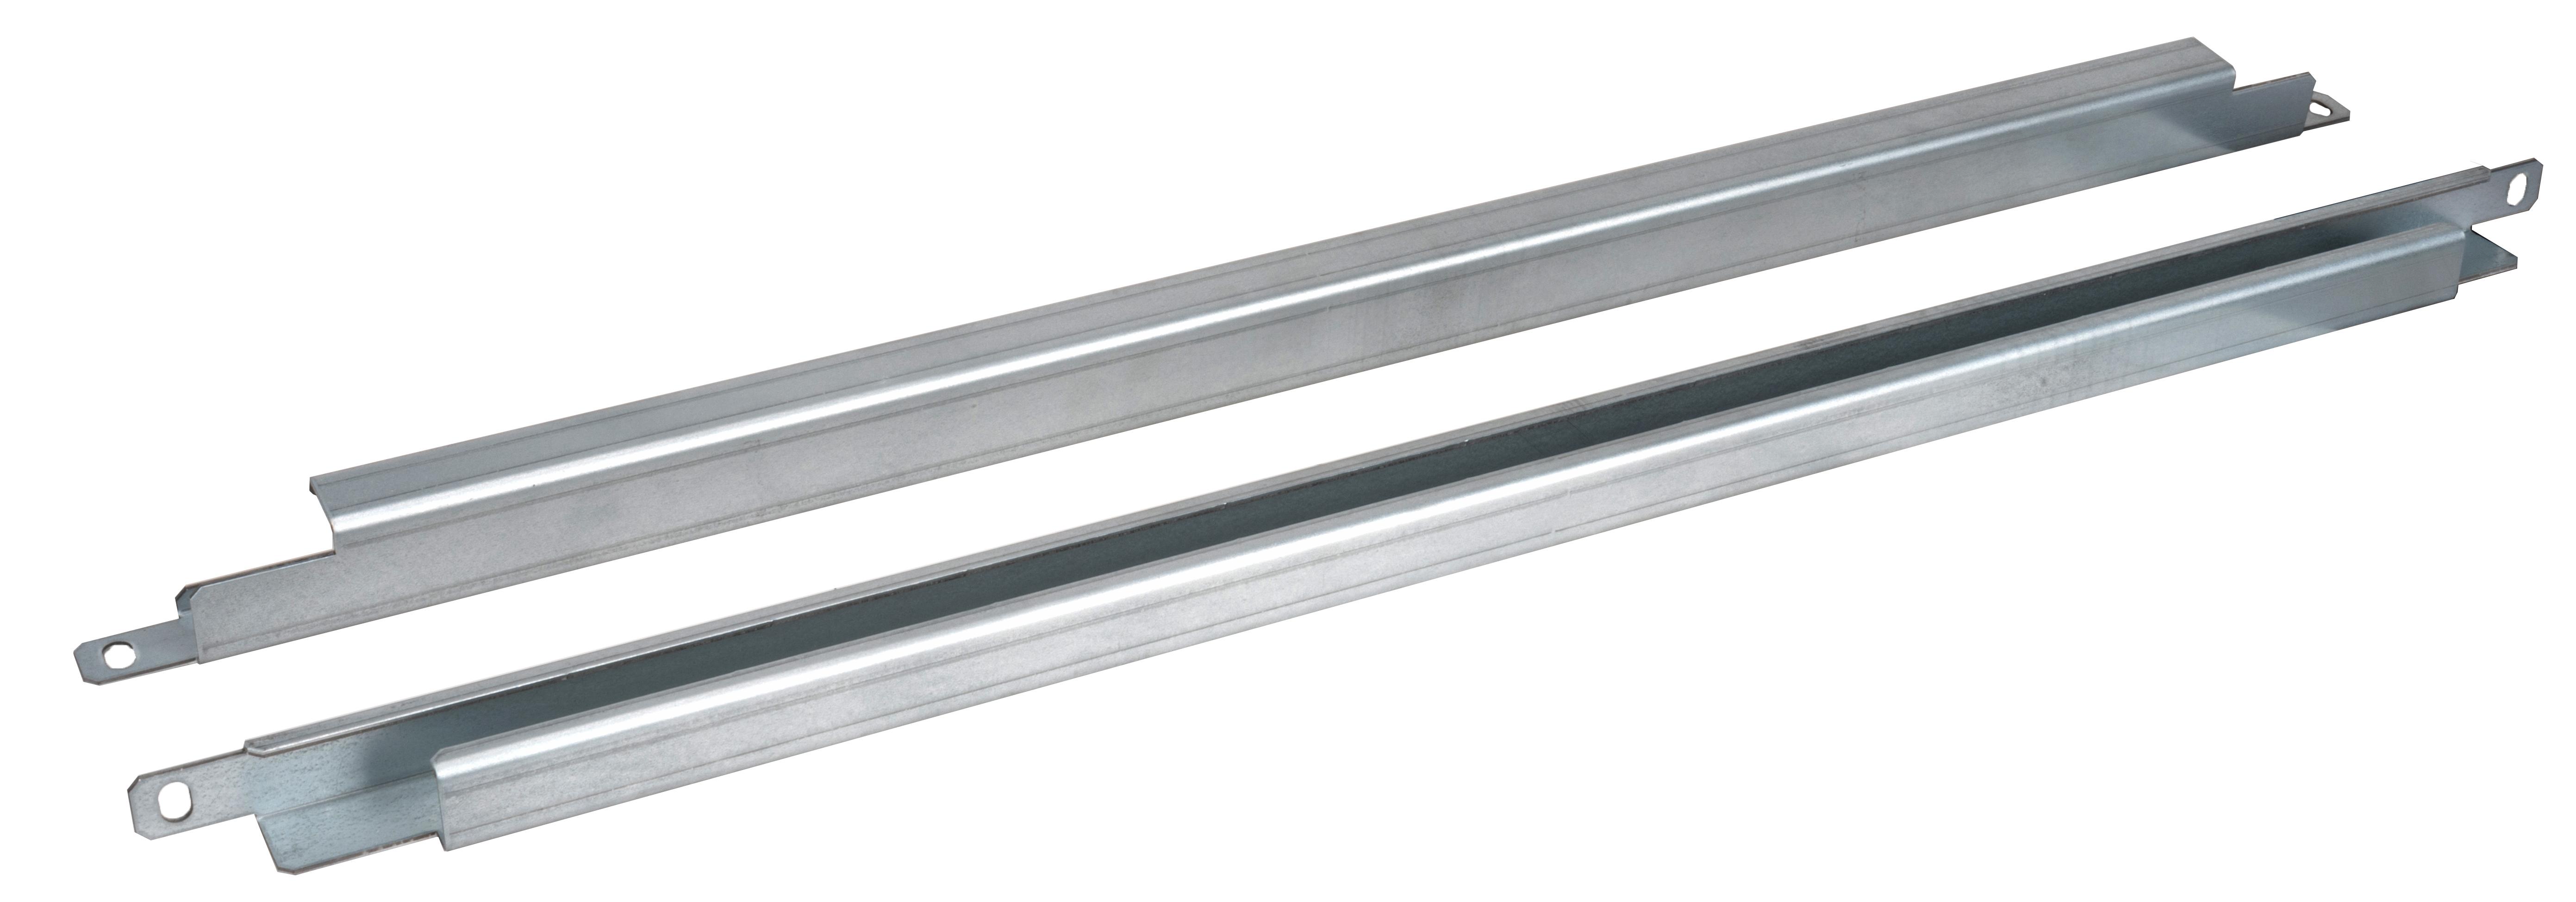 1 VE Kabelabfangschienen Sockelmontage für 400mm breite Schränke ACCAP400--